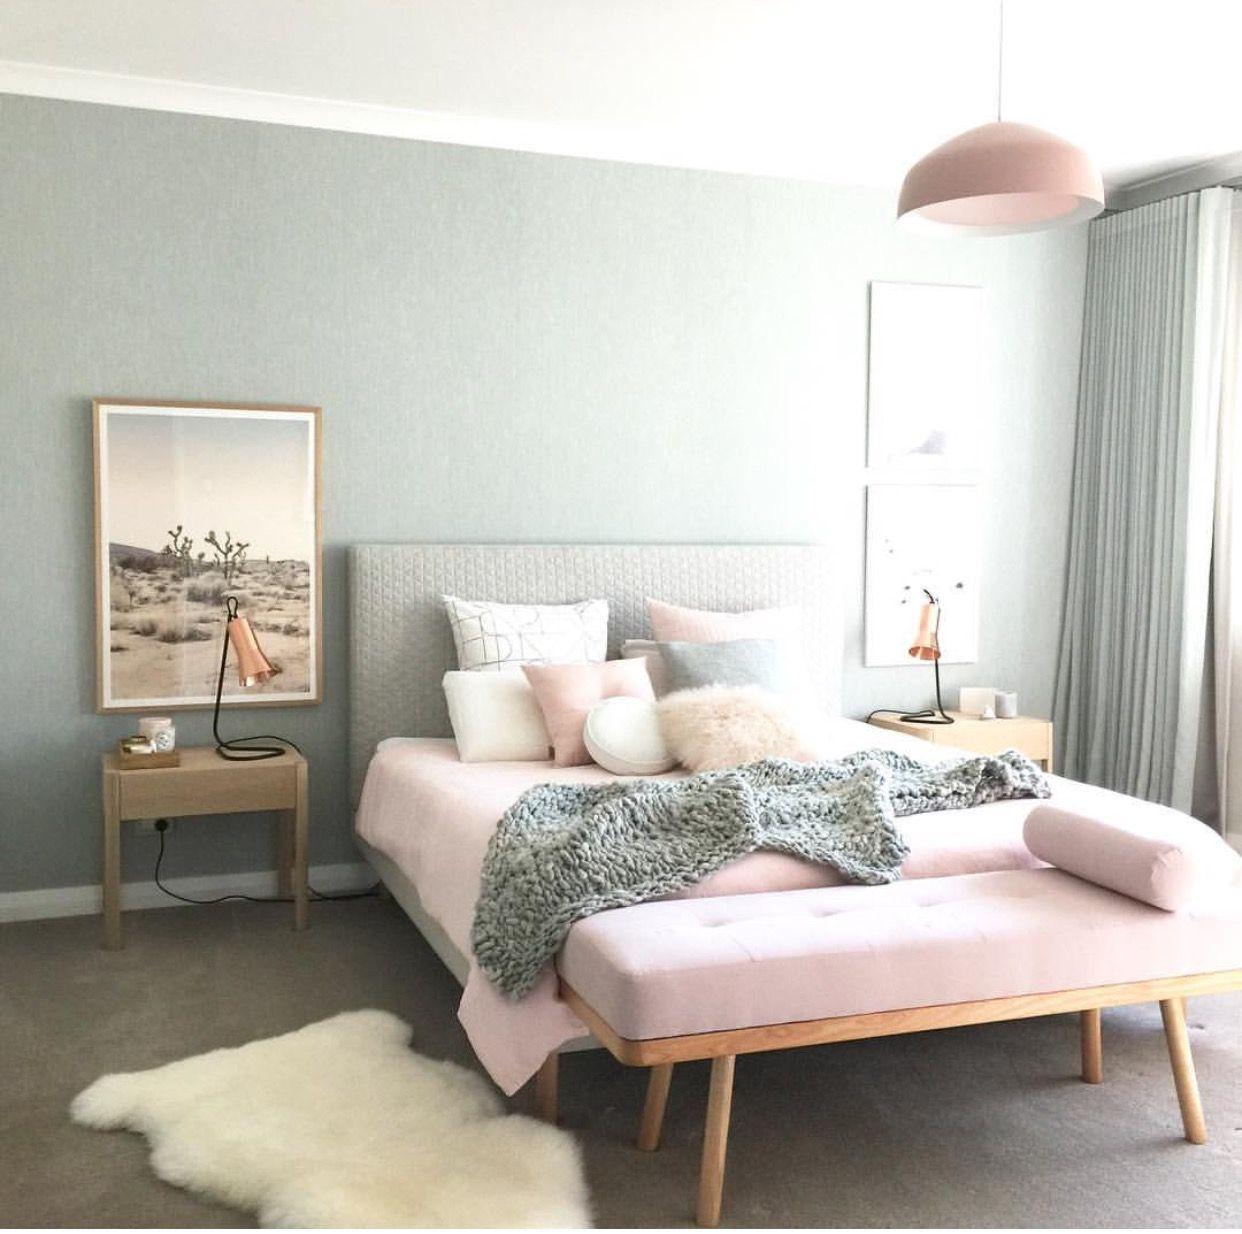 Du Blush Dans La Chambre In 2019 Home Pastel